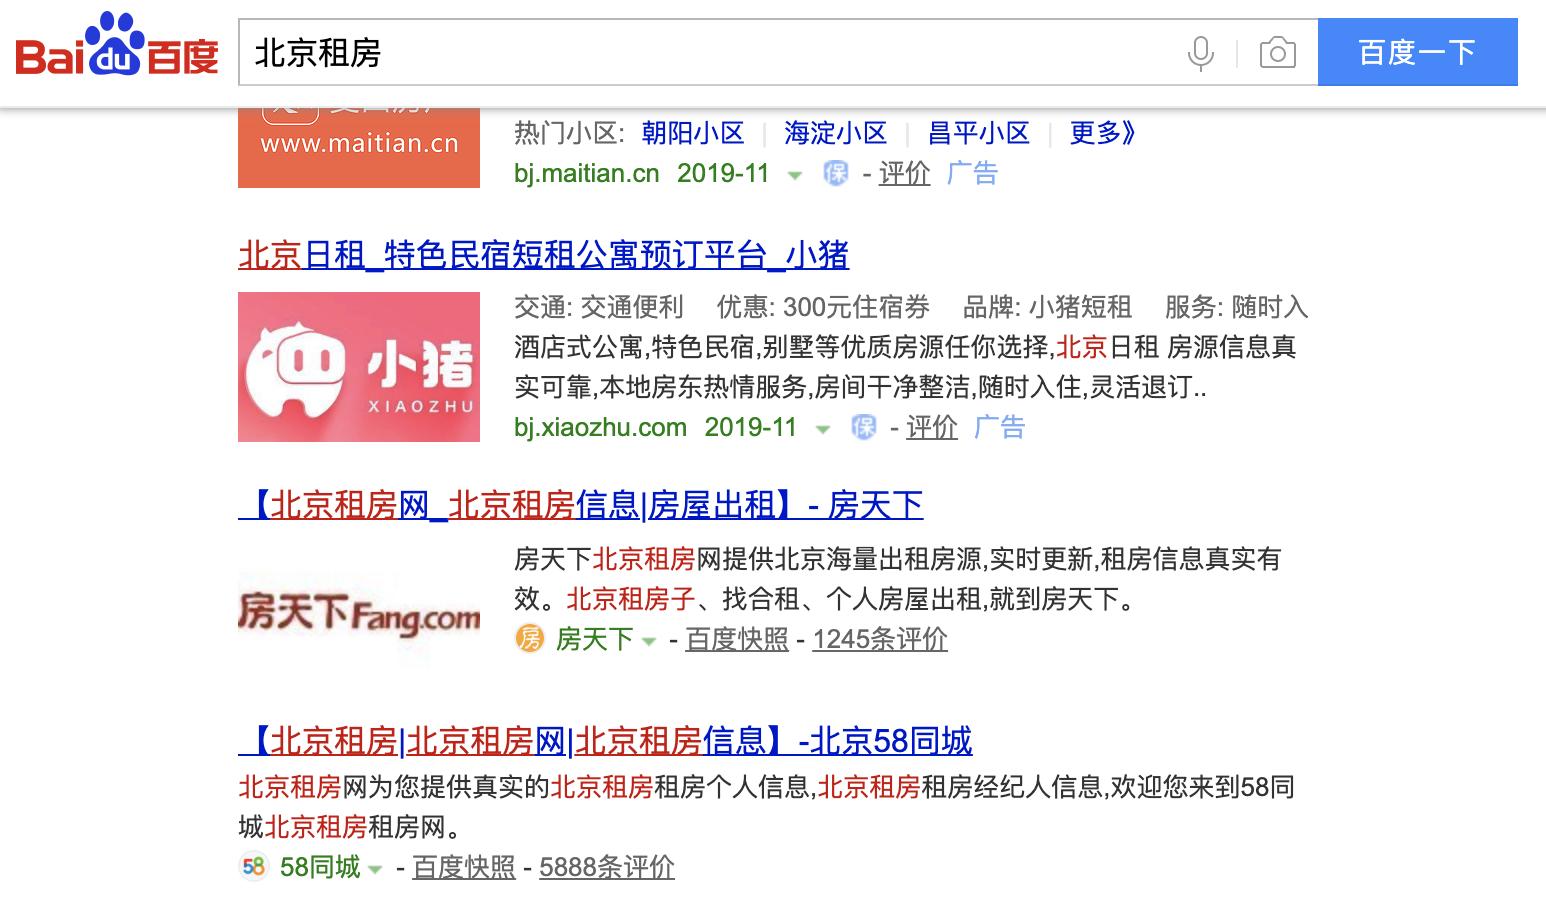 58同城北京租房的标题书写示例图